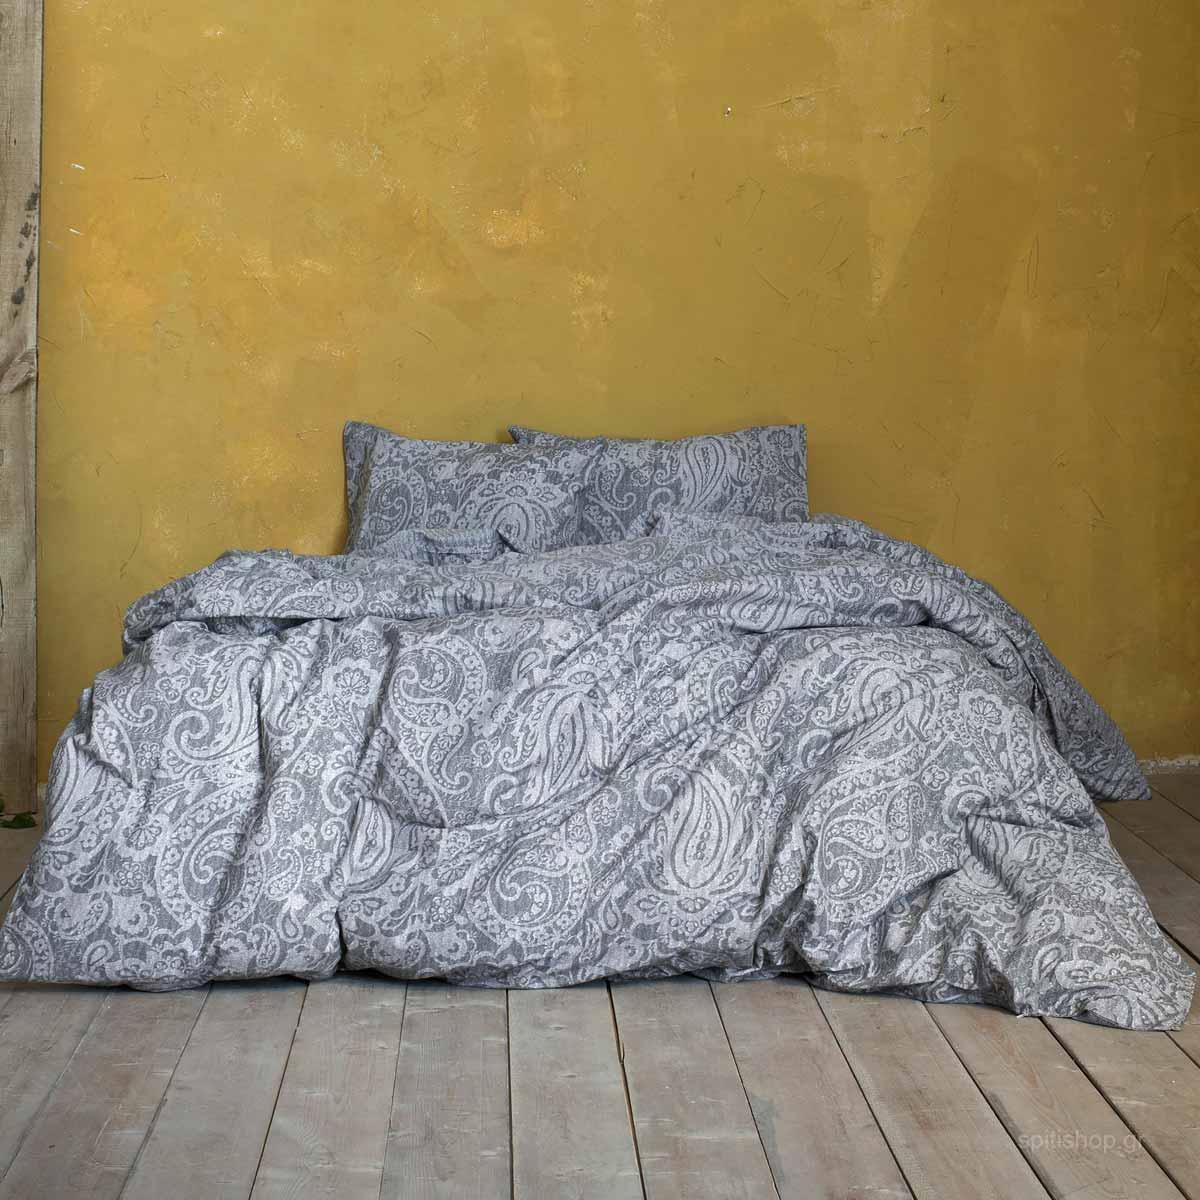 Παπλωματοθήκη Υπέρδιπλη (Σετ) Nima Bed Linen Idalia Grey